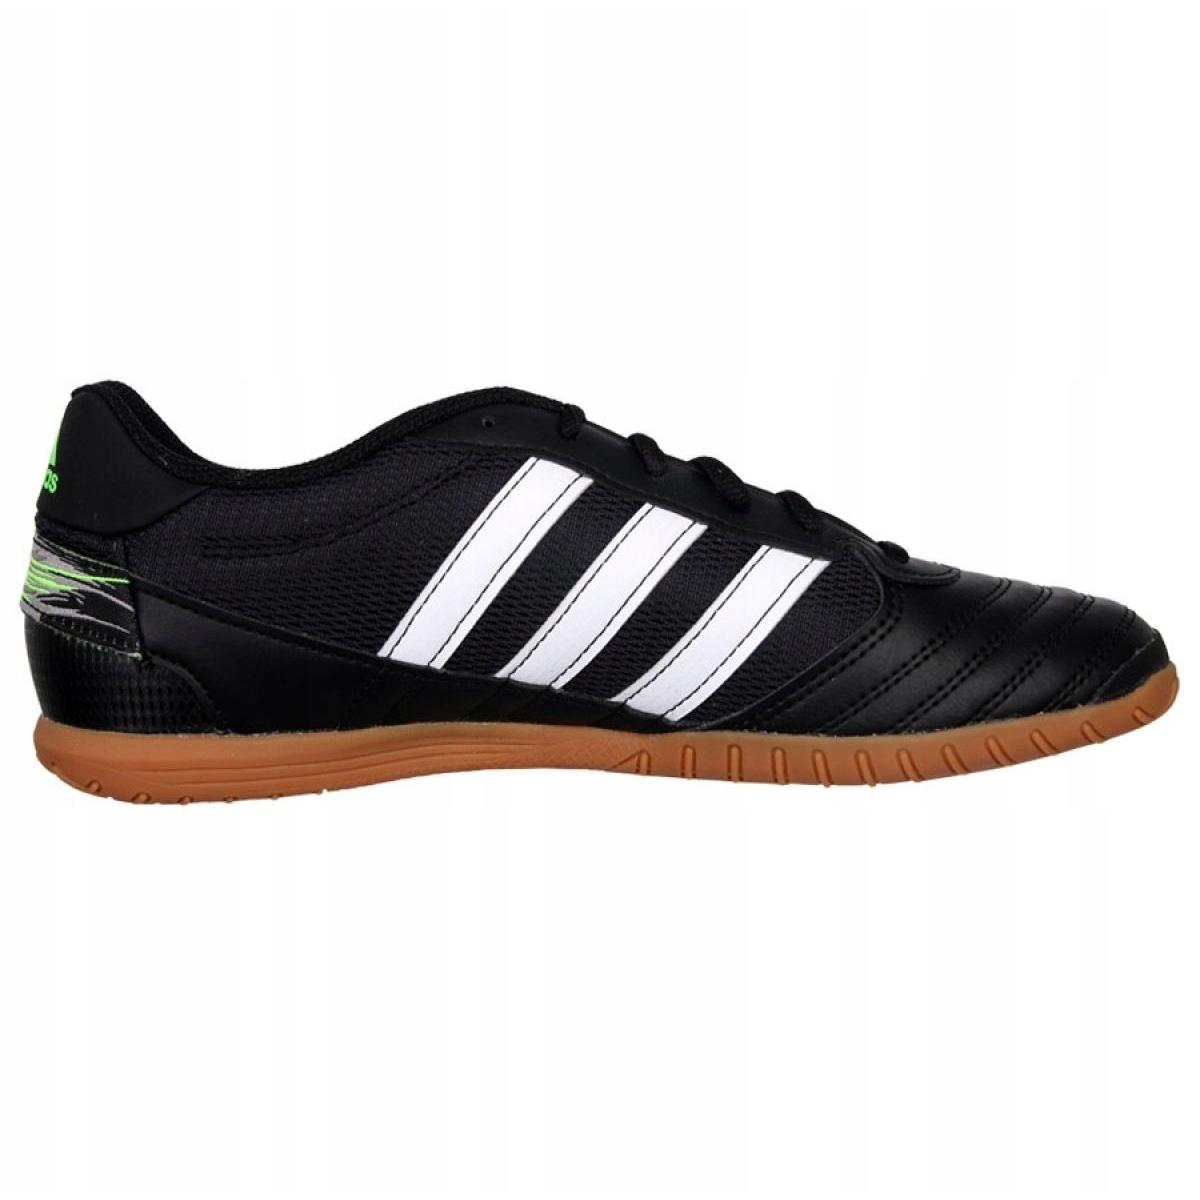 Adidas Super Sala In M FV5456 shoes black black